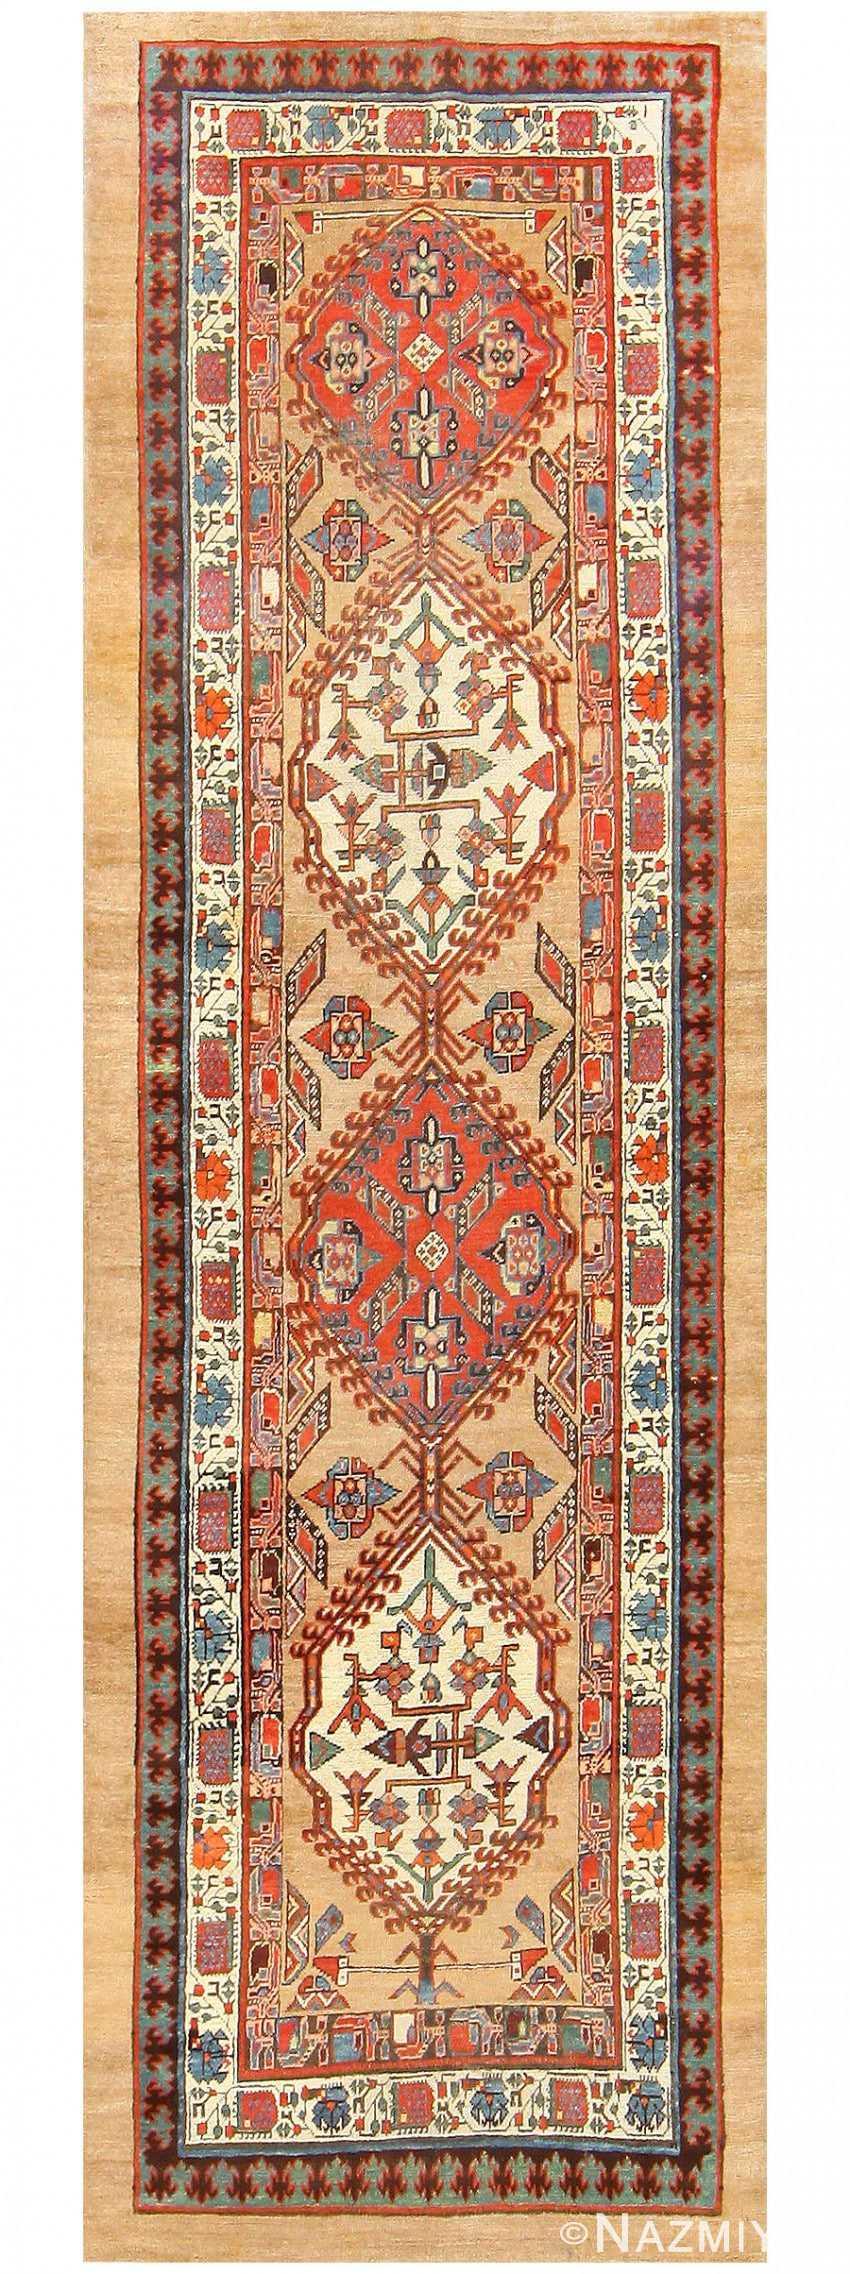 Antique Persian Serab Runner 48242 Detail/Large View